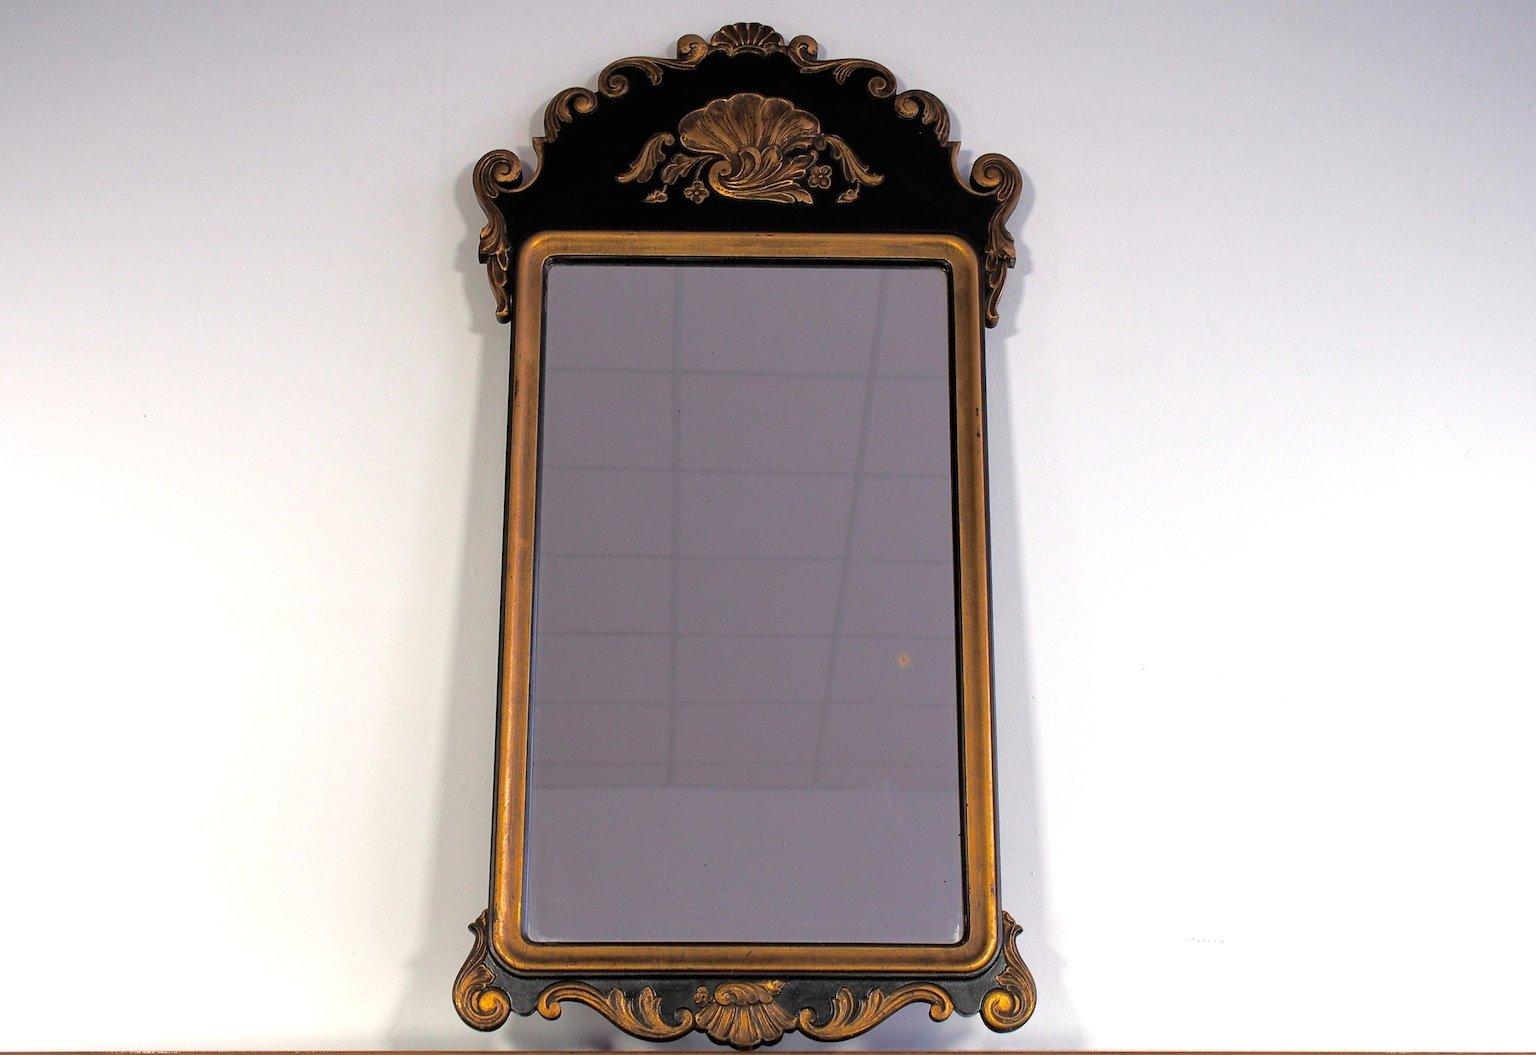 Grand miroir mural antique rococo revival en vente sur pamono for Grand miroir solde